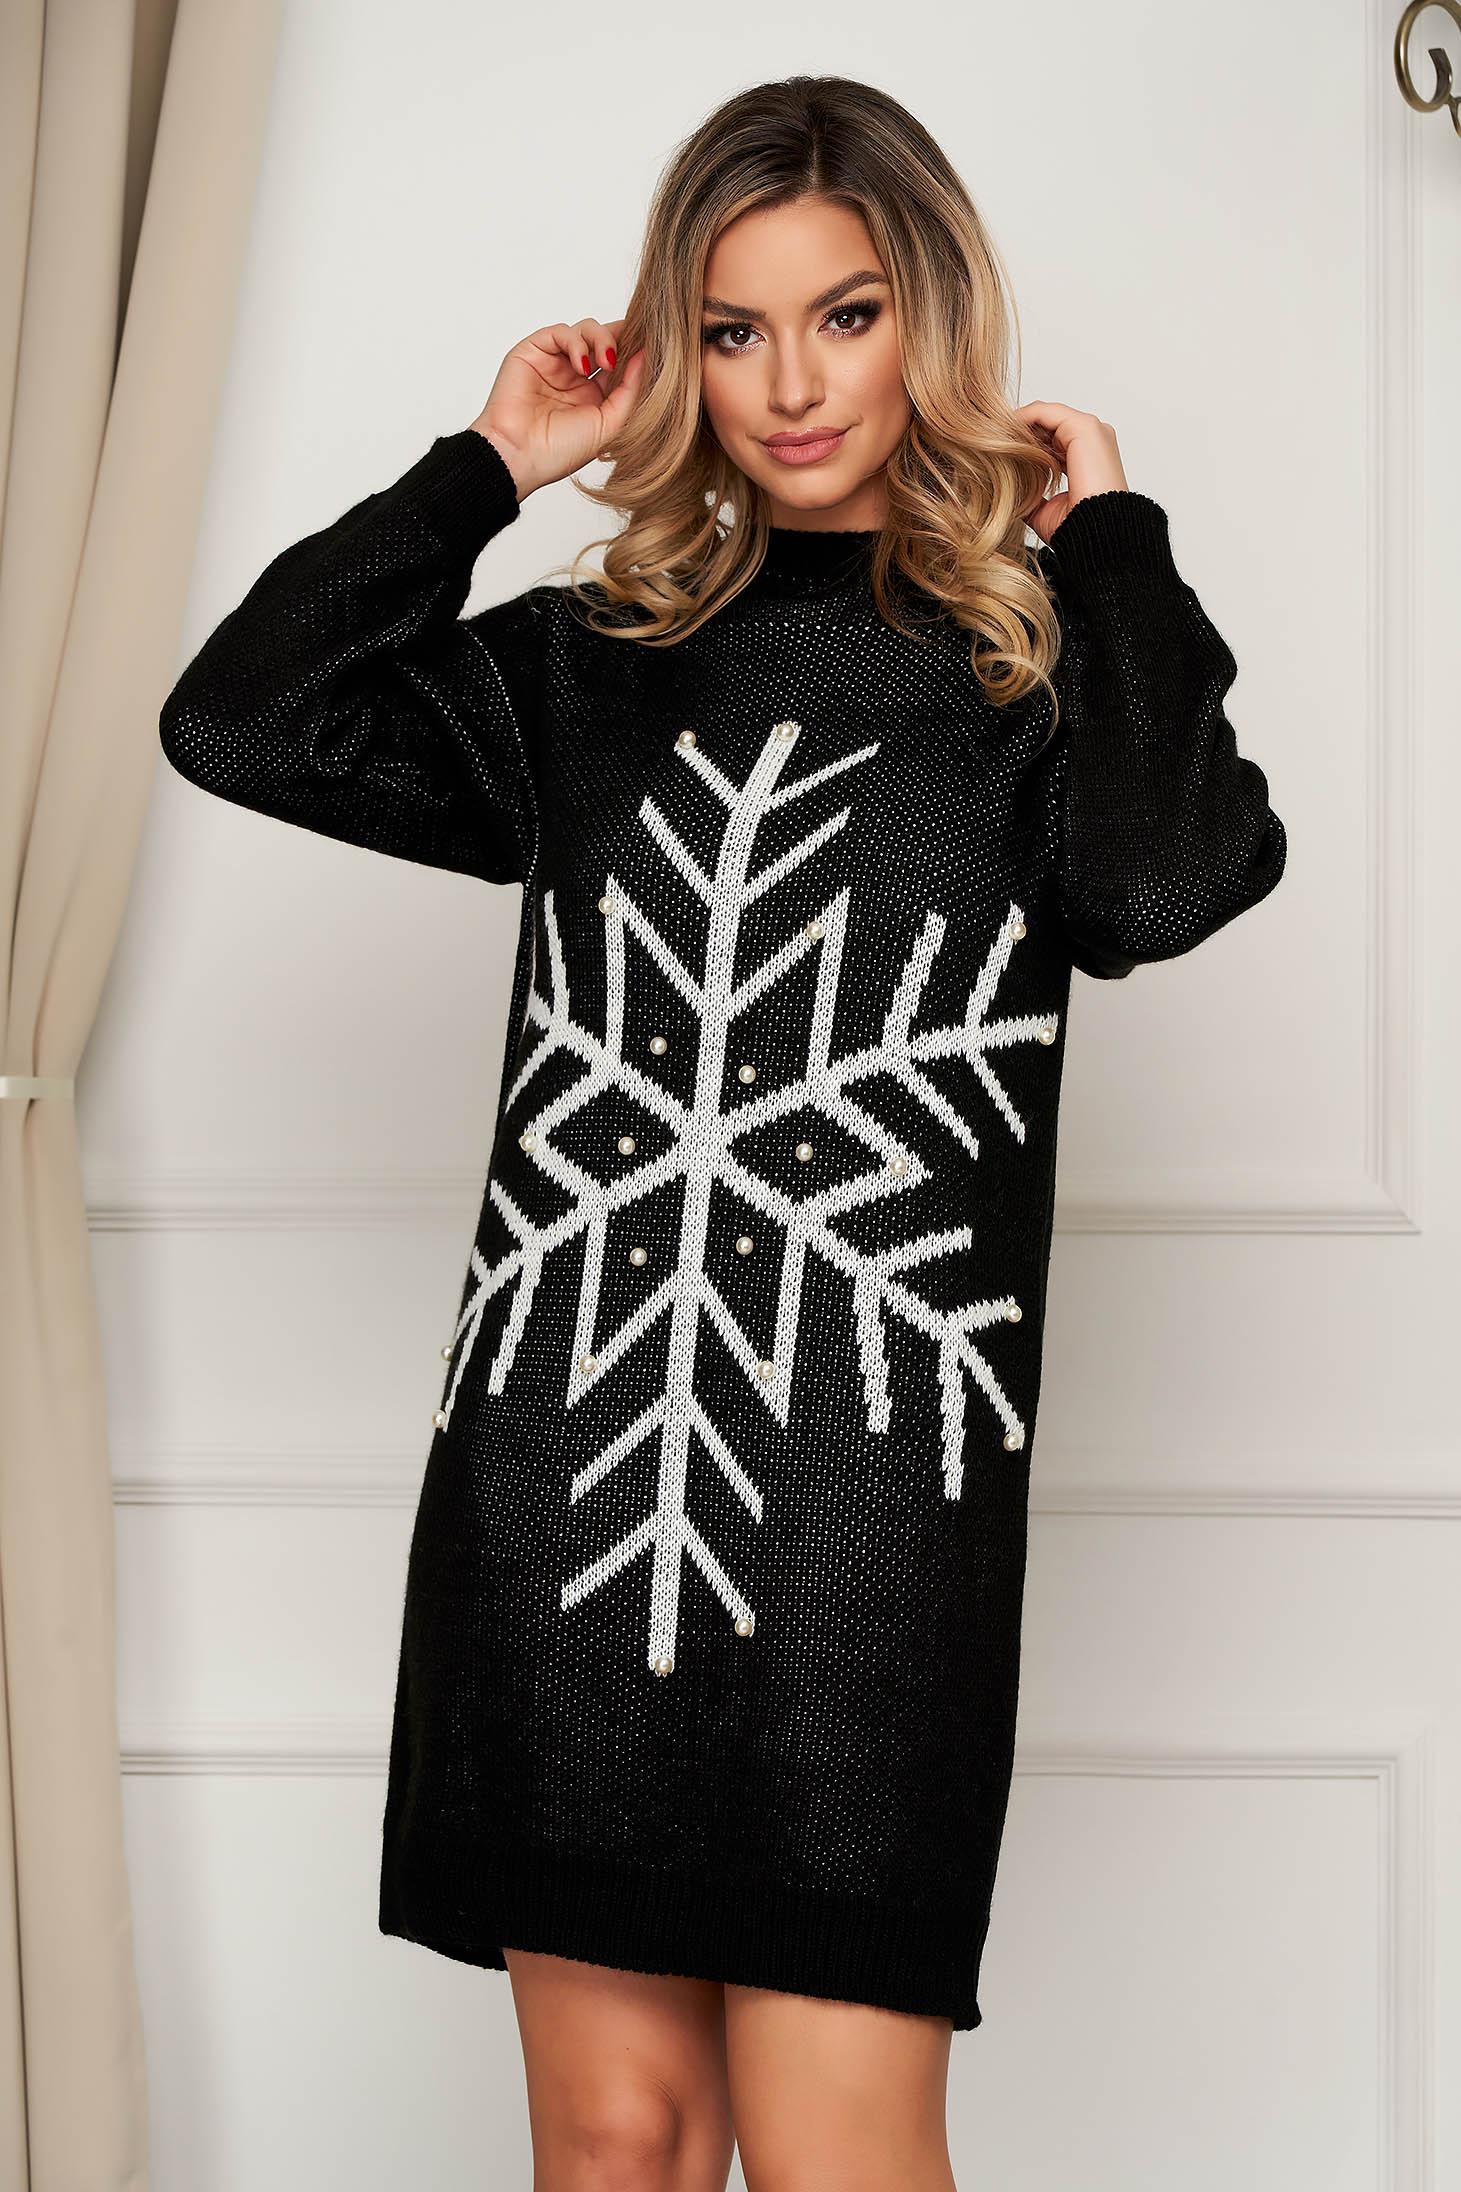 Fekete bő szabású kötött ruha rugalmas anyagból gyöngy díszítéssel